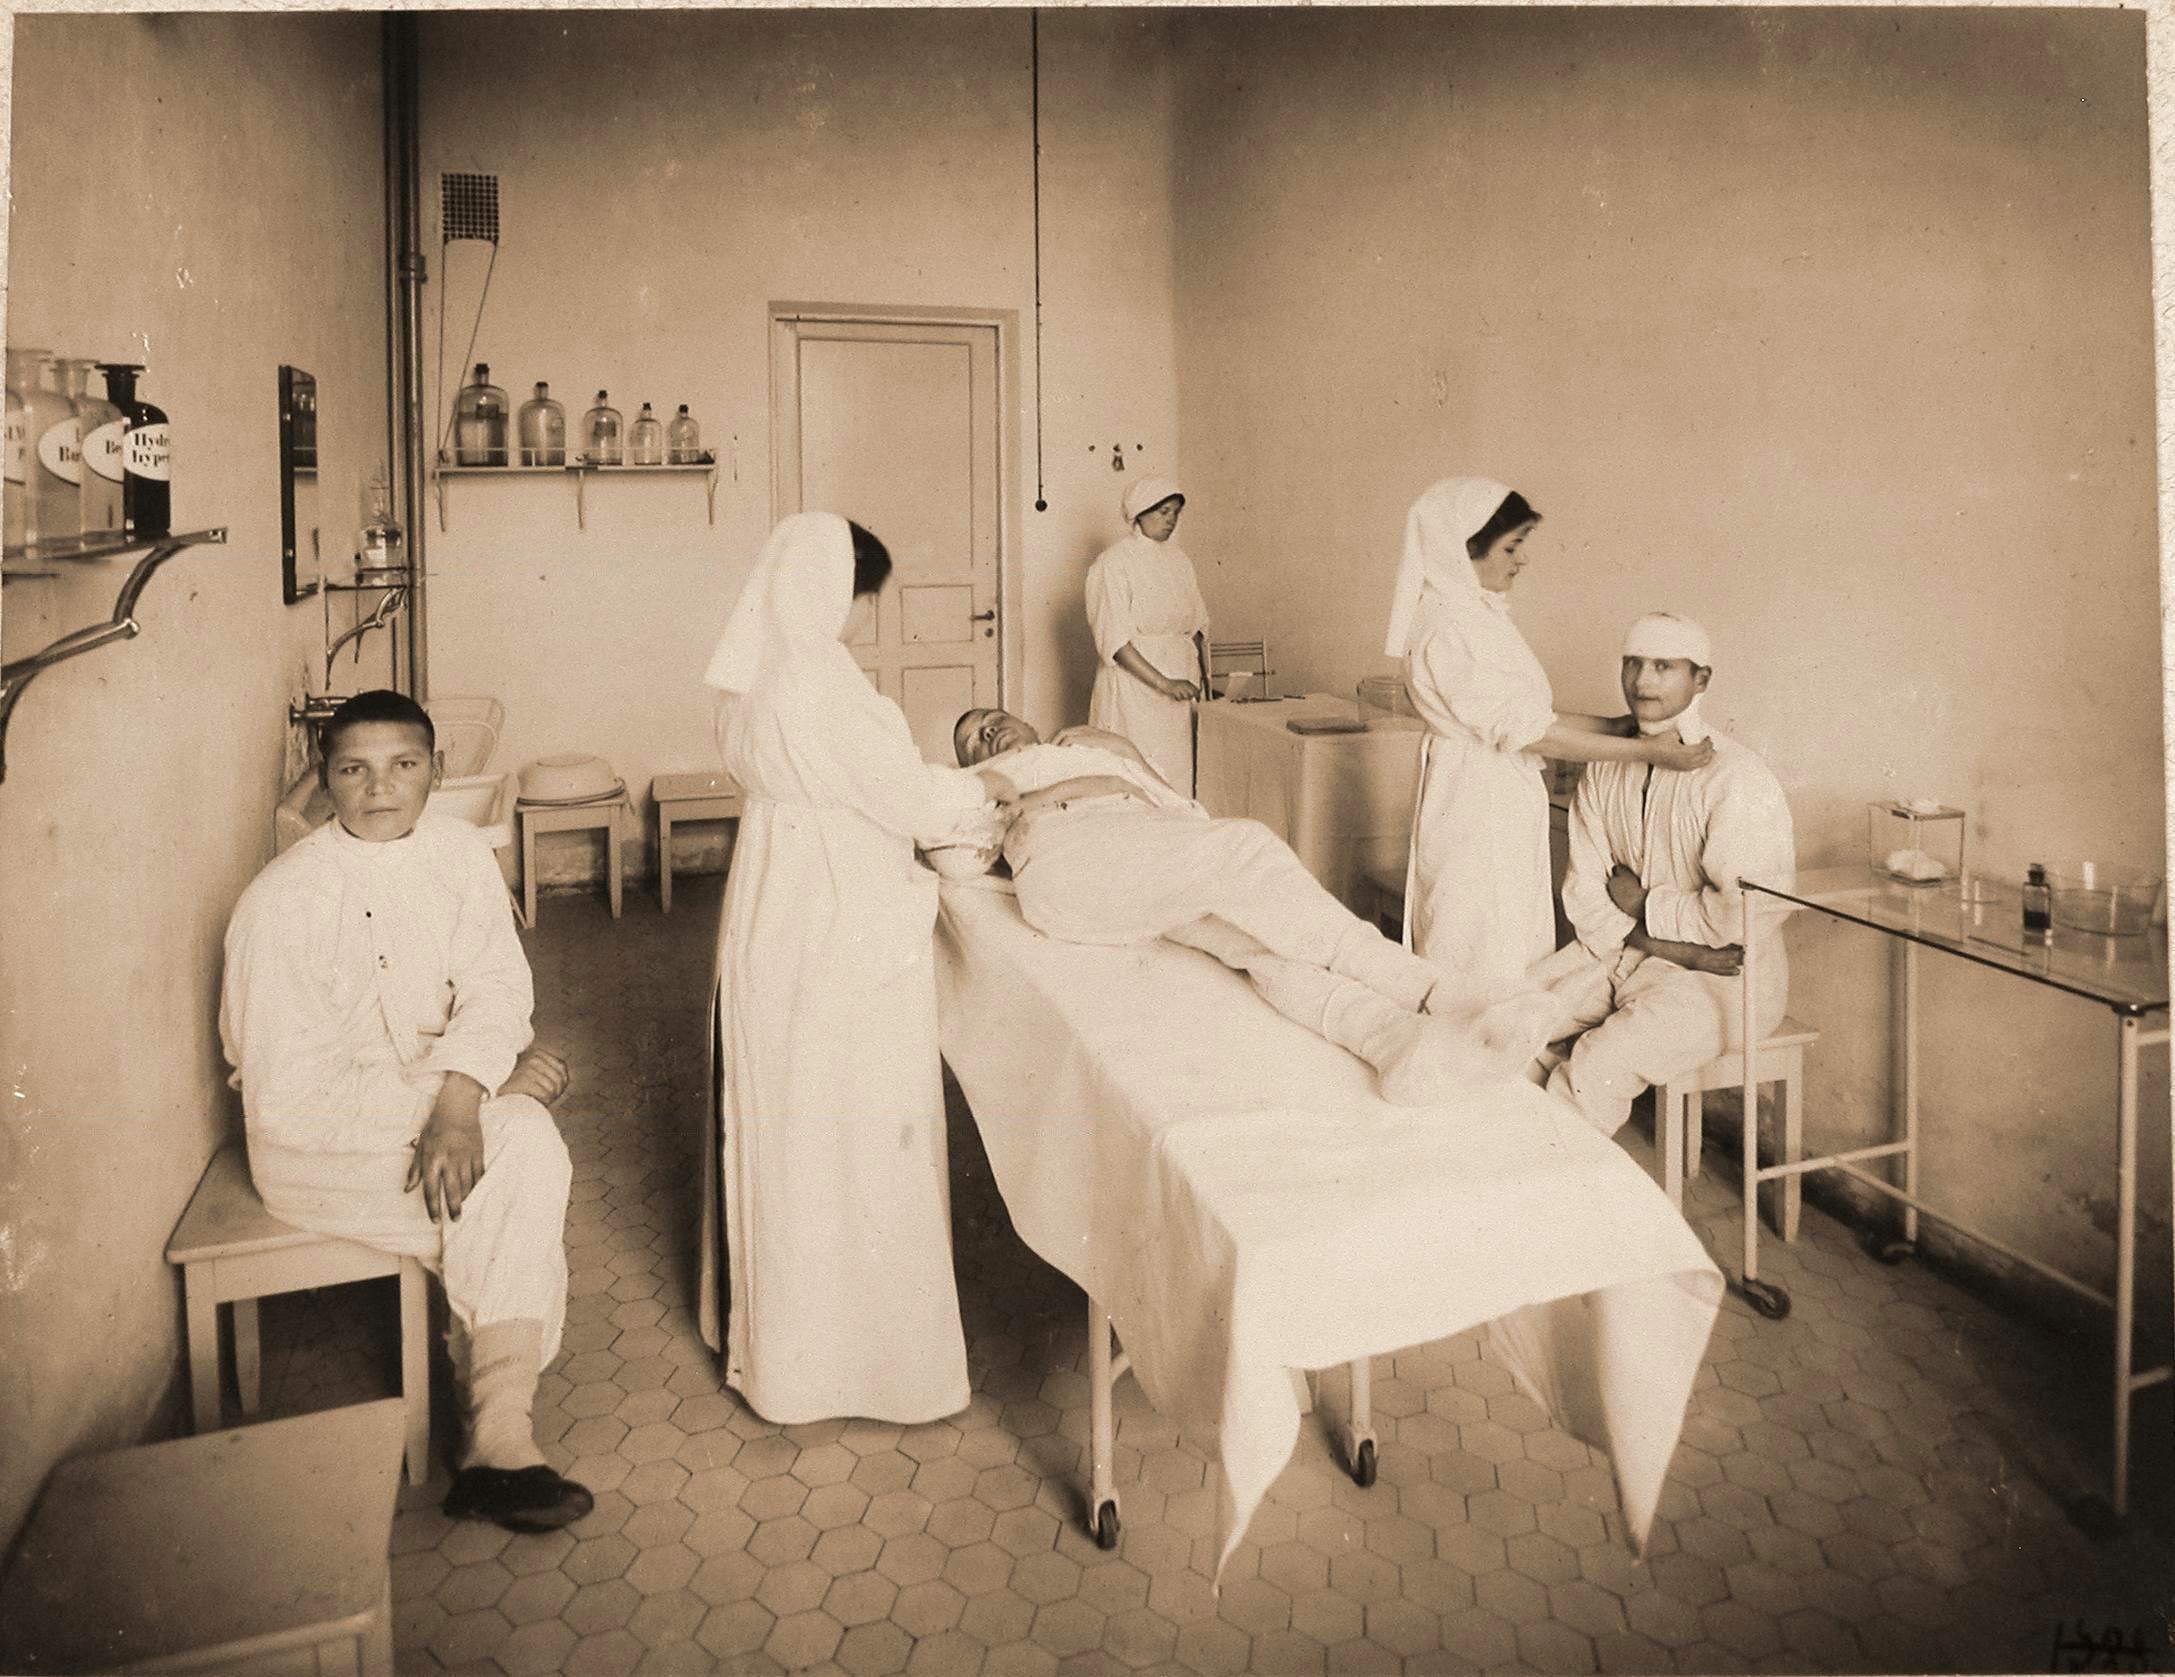 Сёстры милосердия делают перевязки раненым в перевязочной